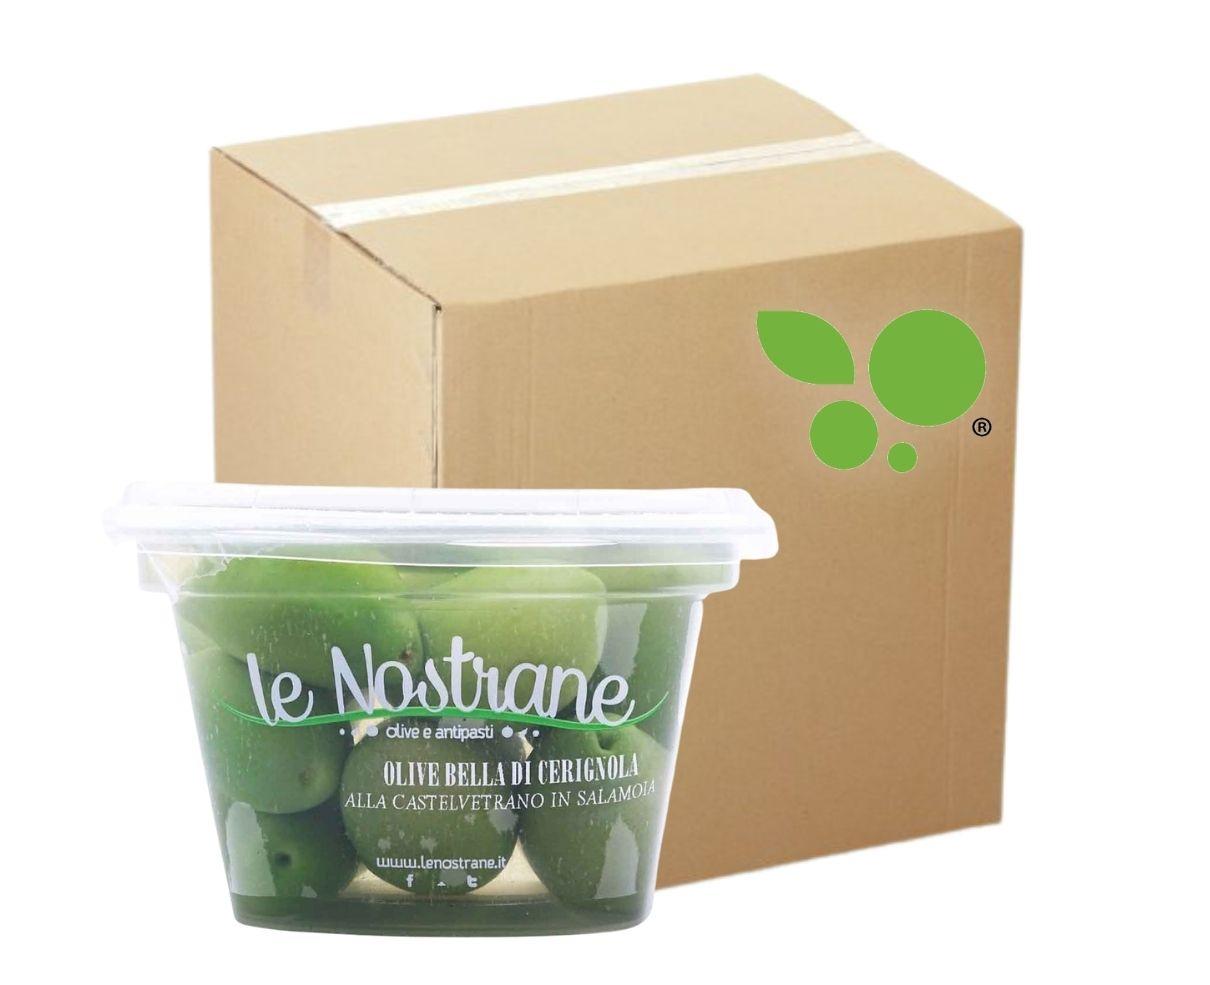 12 confezioni di olive castelvetrano Le Nostrane 200gr